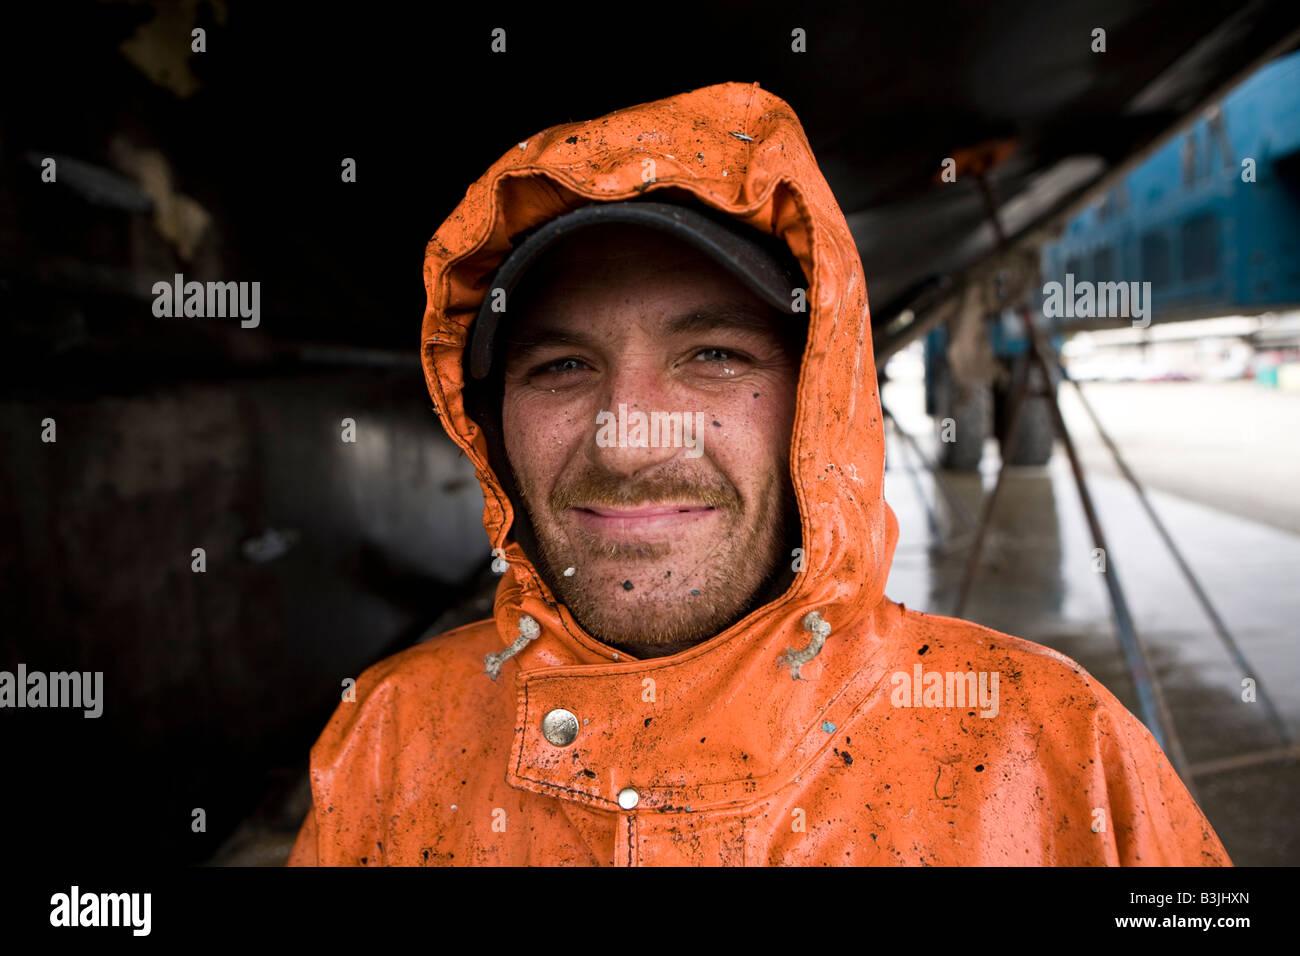 Robert Palmer lavaggi a pressione la parte inferiore di un 88 piedi lungo la pesca in barca Leann nel cantiere navale Immagini Stock